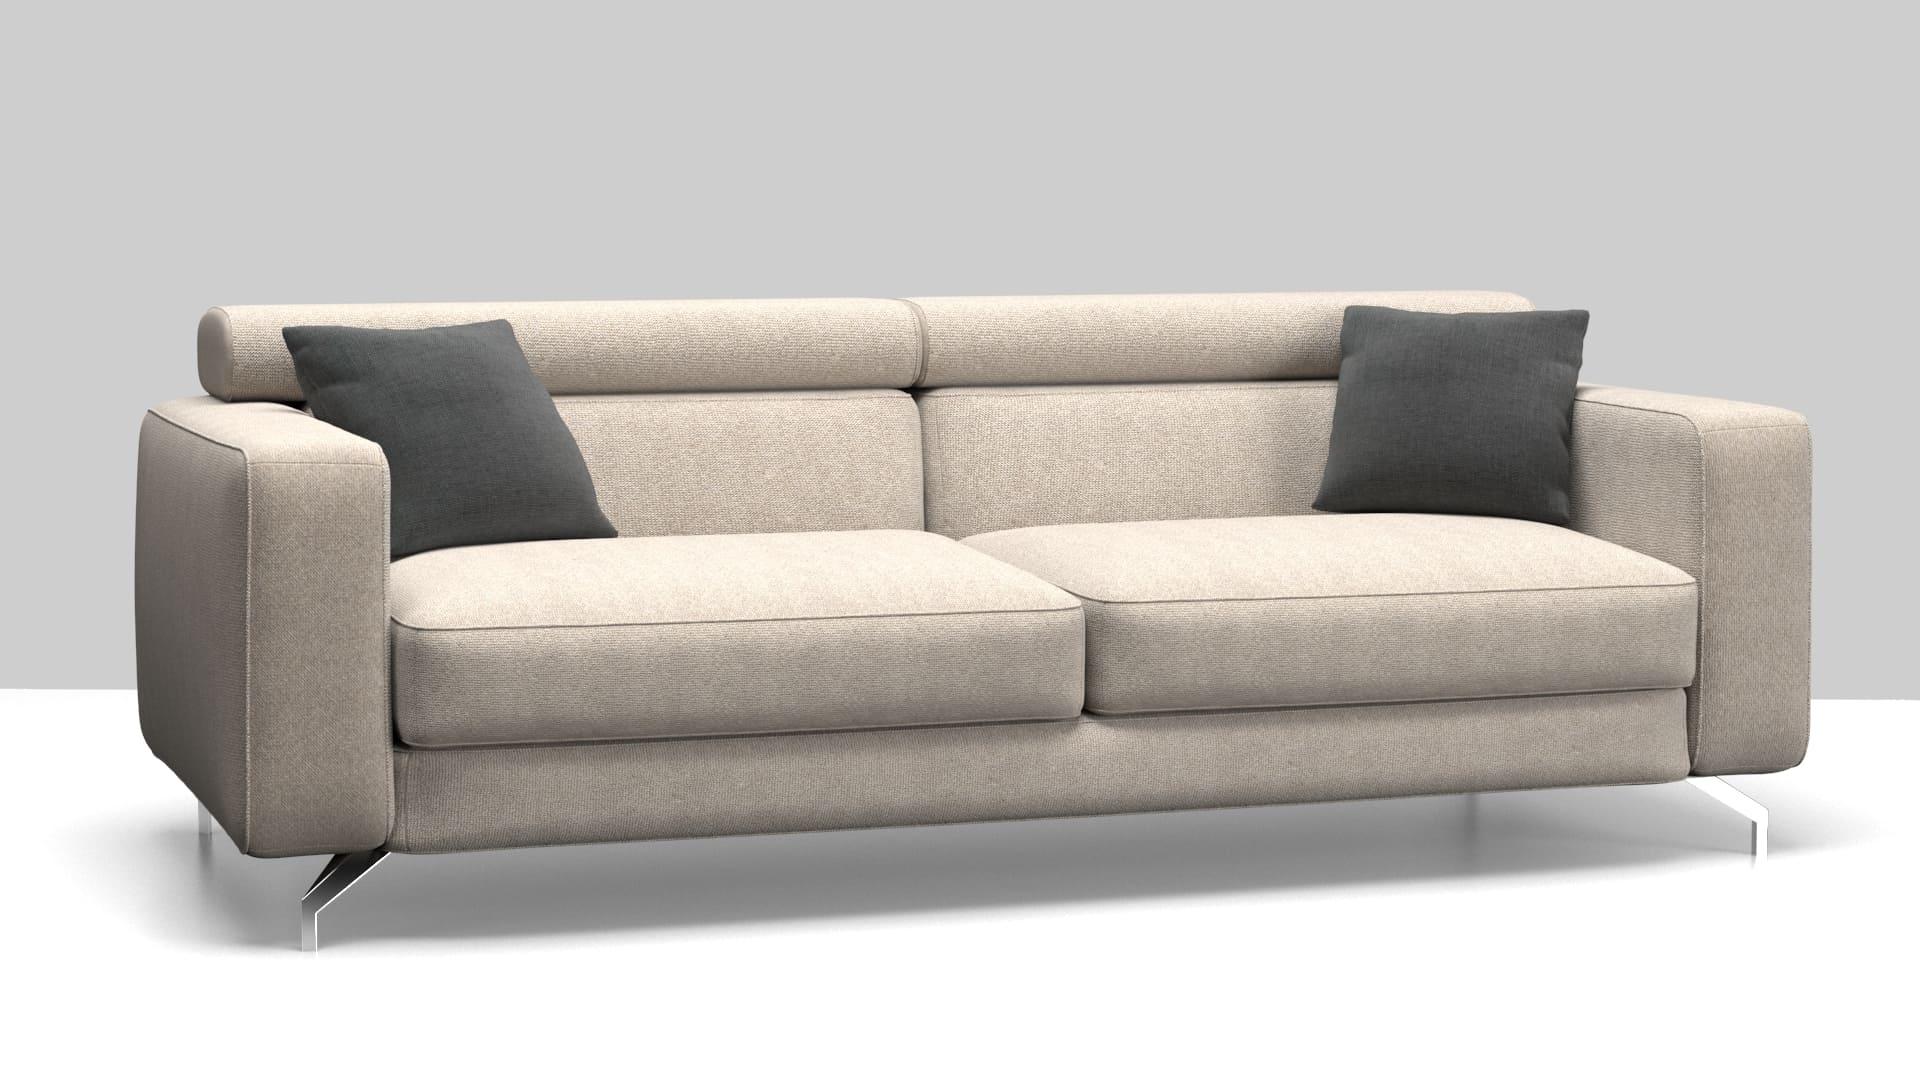 brenna salotti divano letto status 01